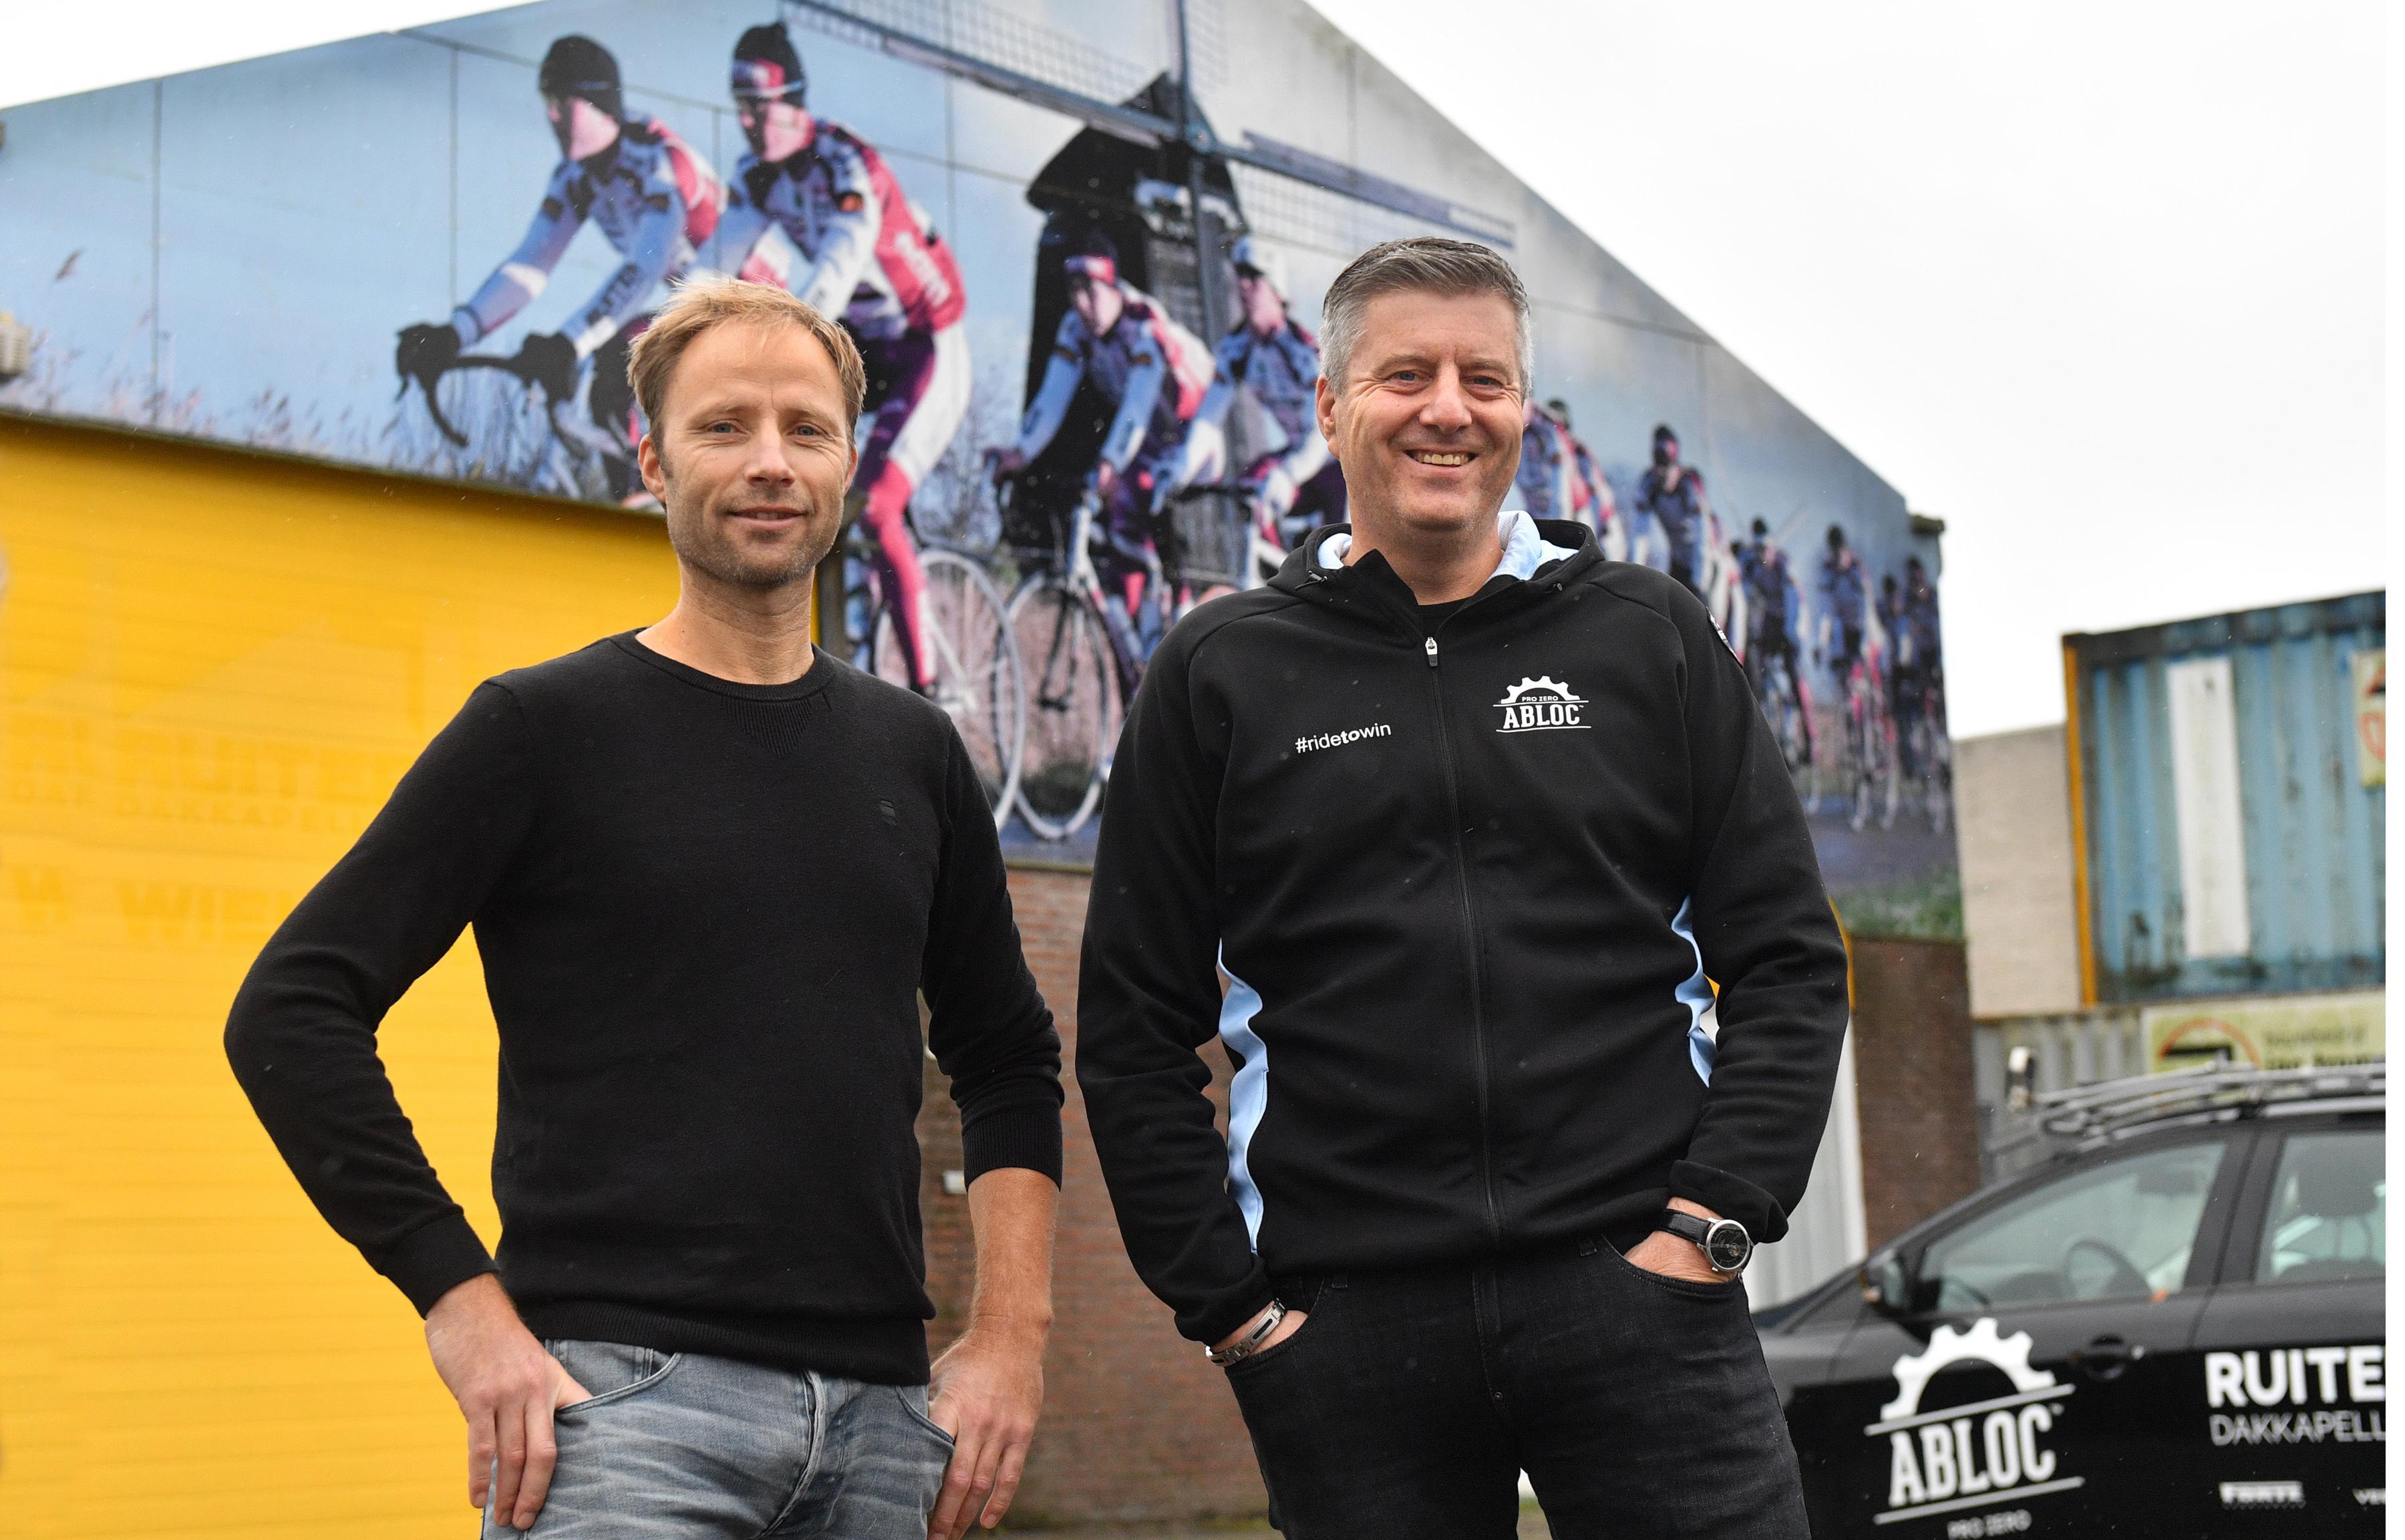 De Noord-Hollandse wielerploegen (m/v) van Paul Tabak en Raymond Rol hadden succes in 2020, maar niet nog zo'n seizoen graag